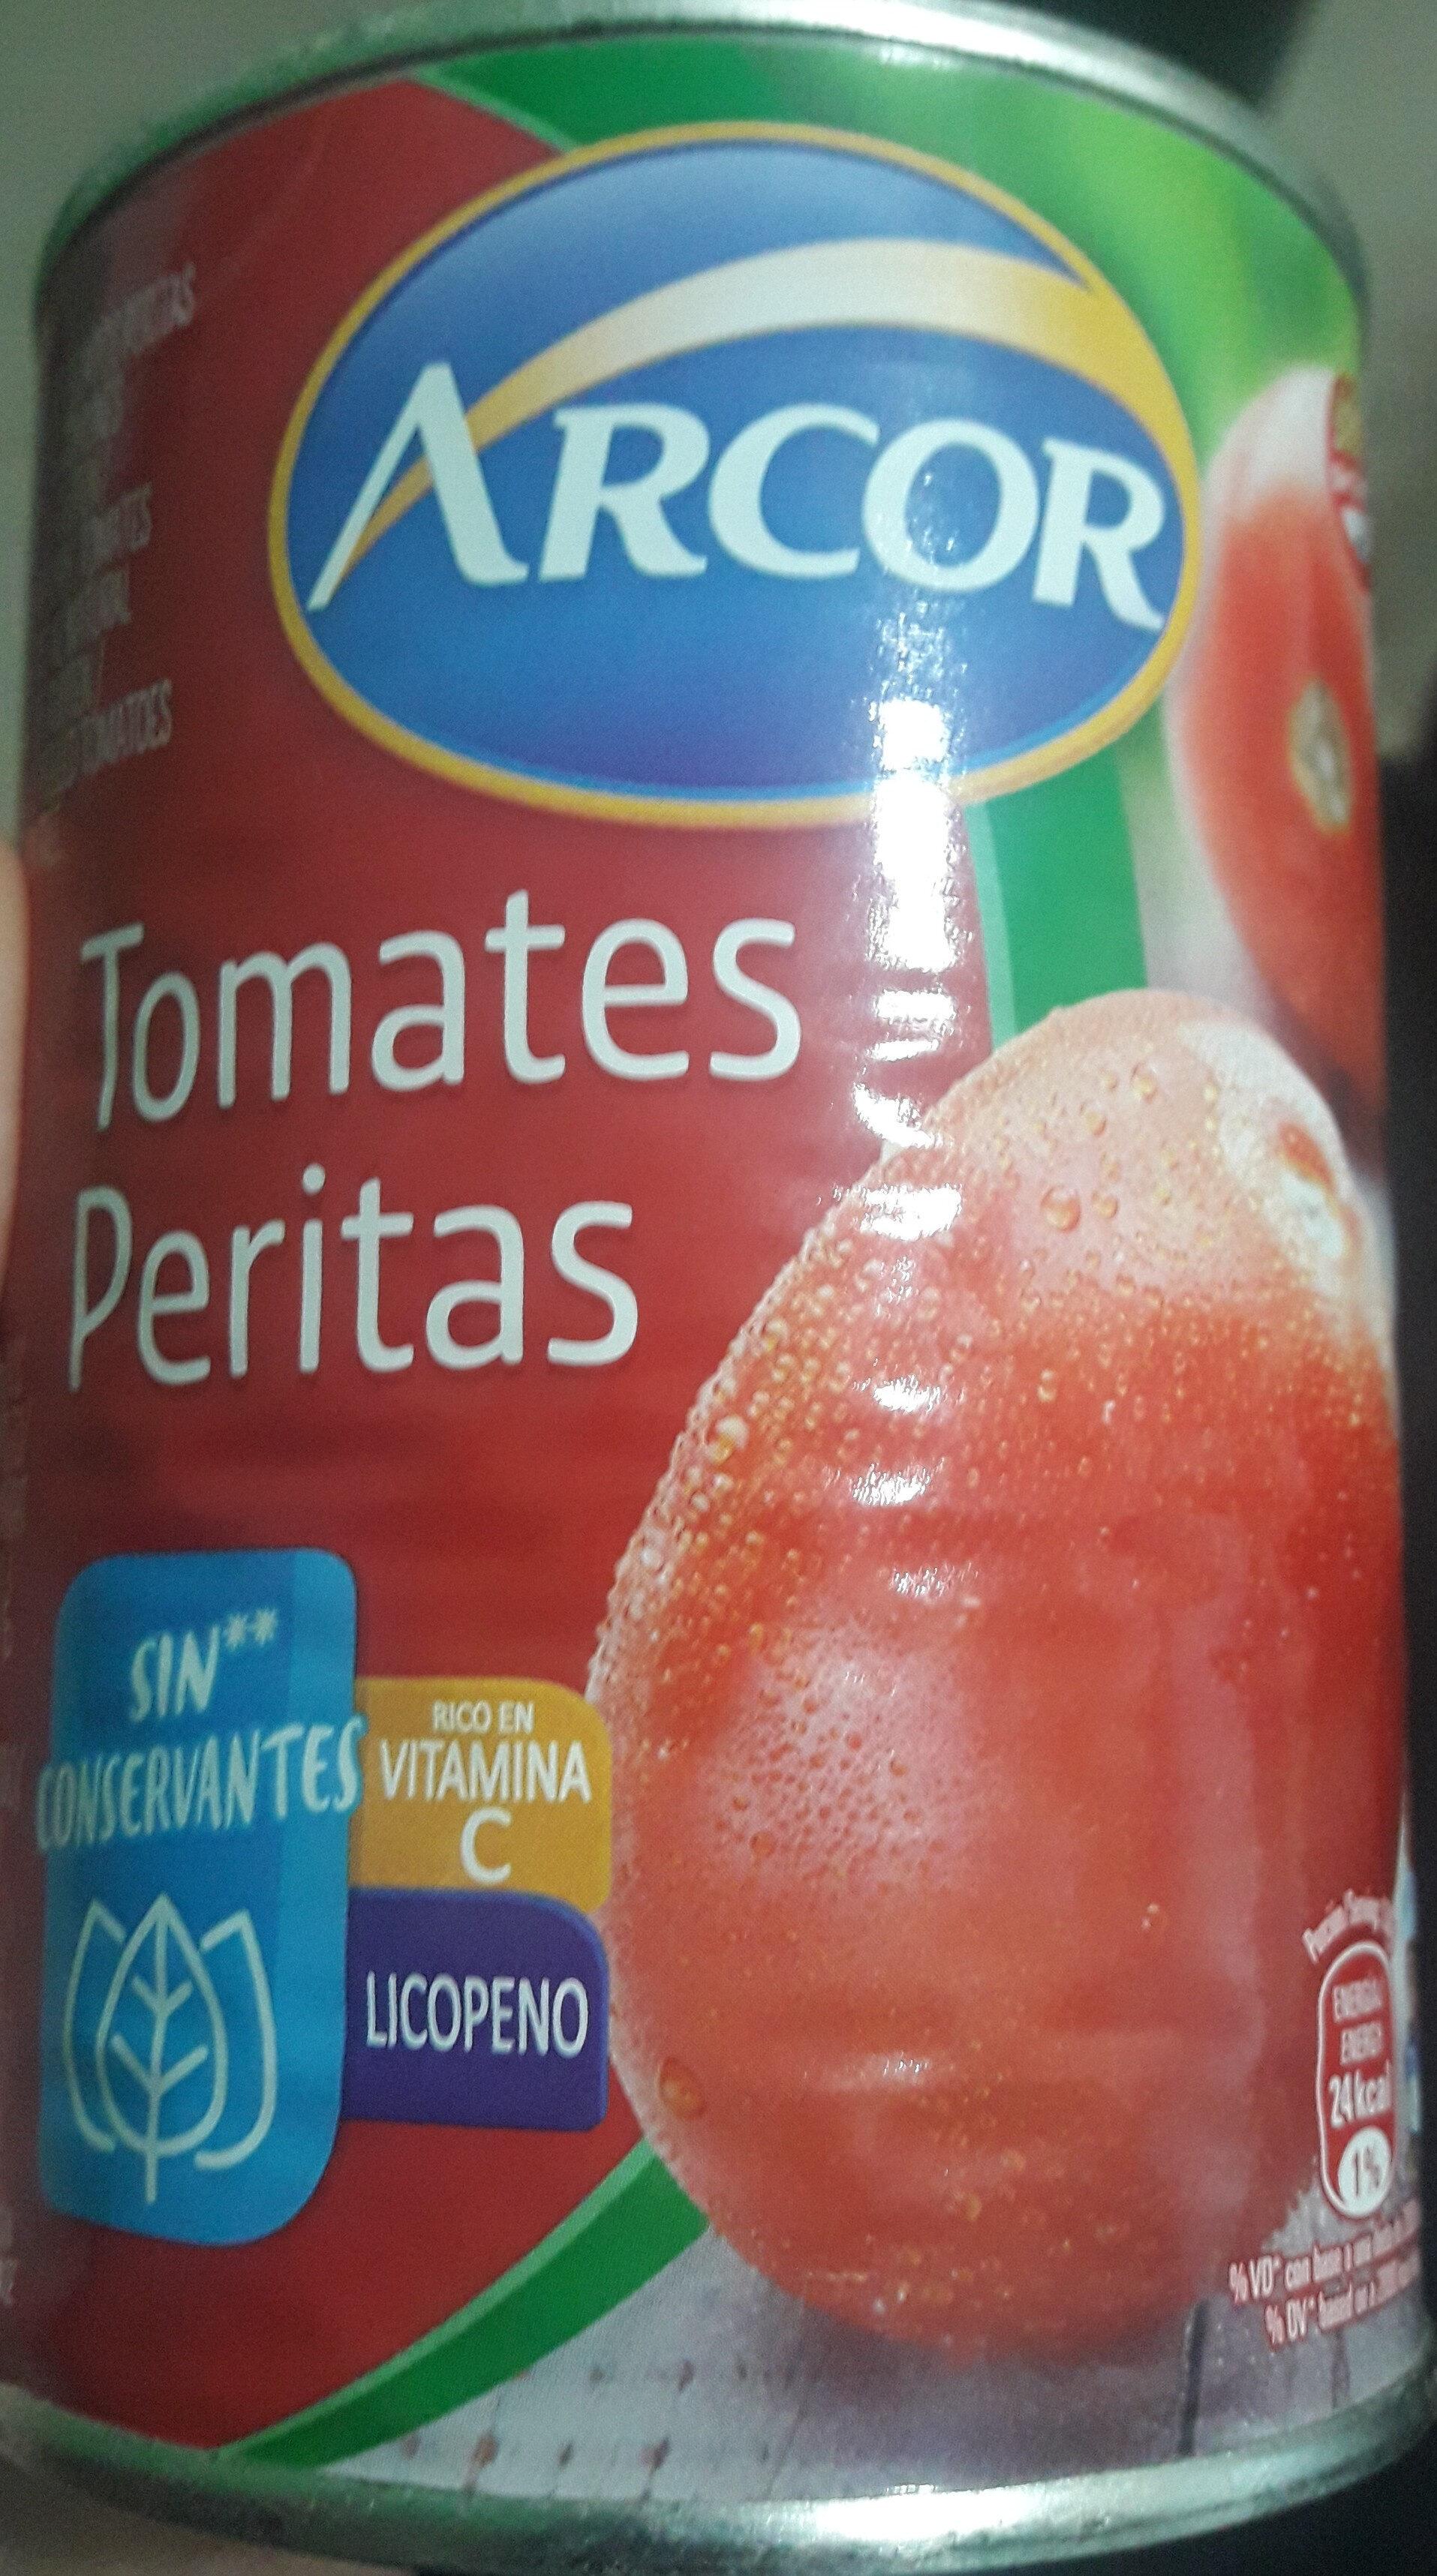 Tomates peritas - Product - es